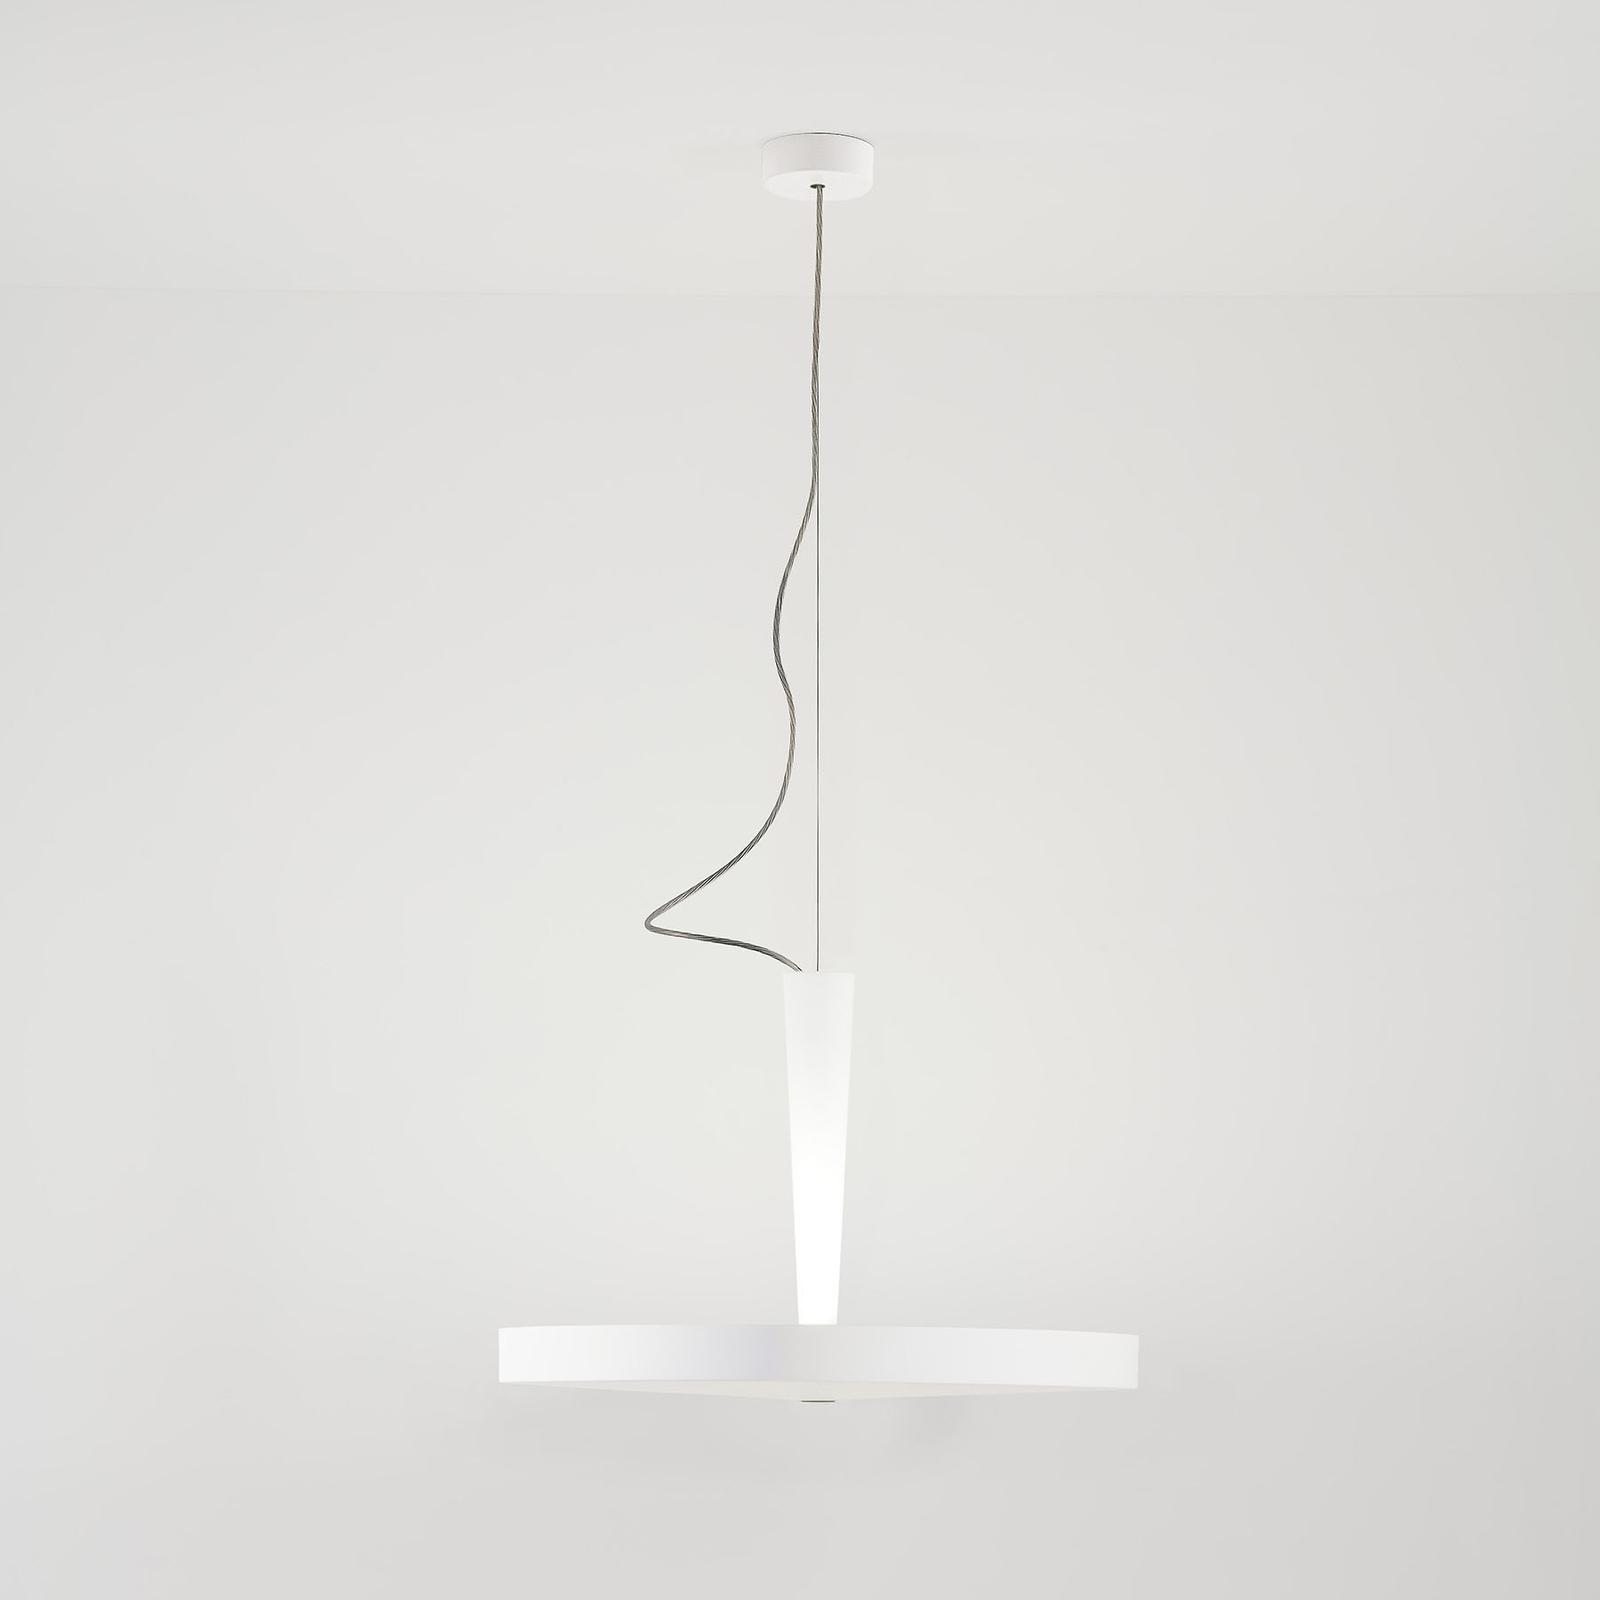 Prandina Equilibre Halo S3 hanglamp wit